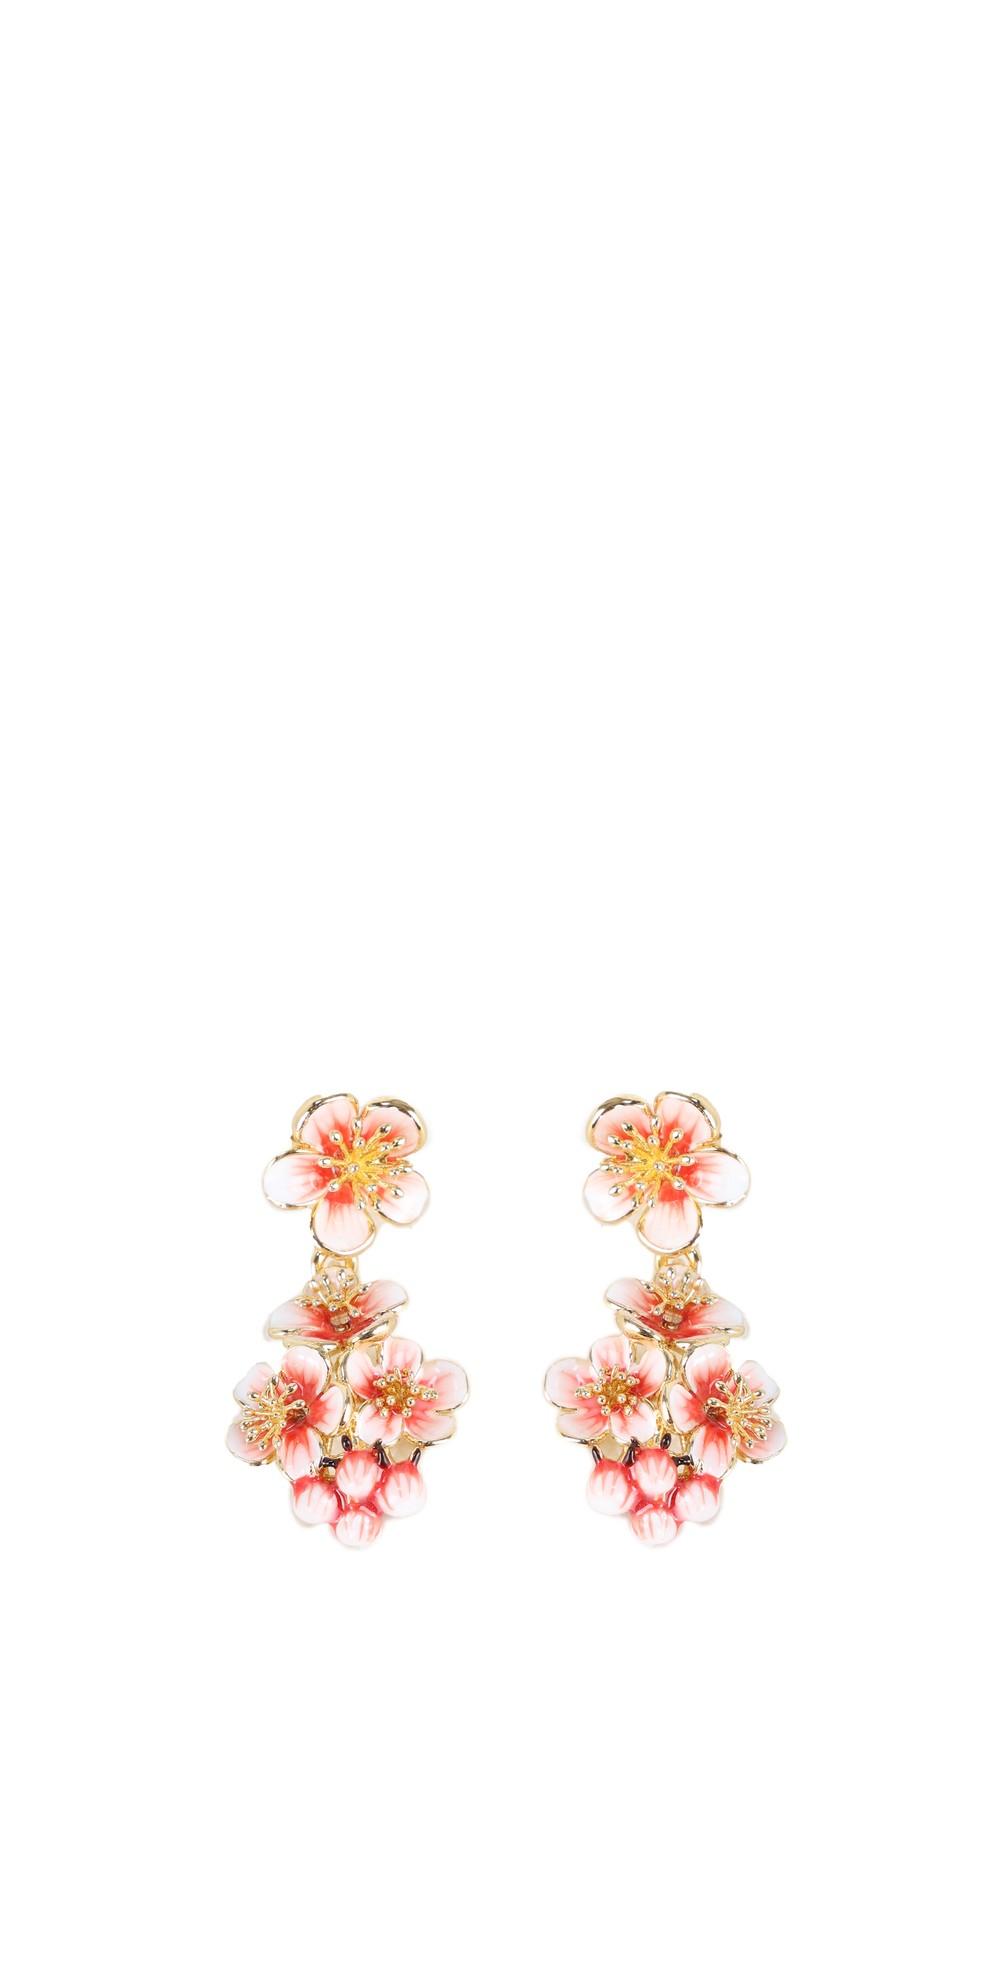 Apple Blossom Cluster Earrings main image